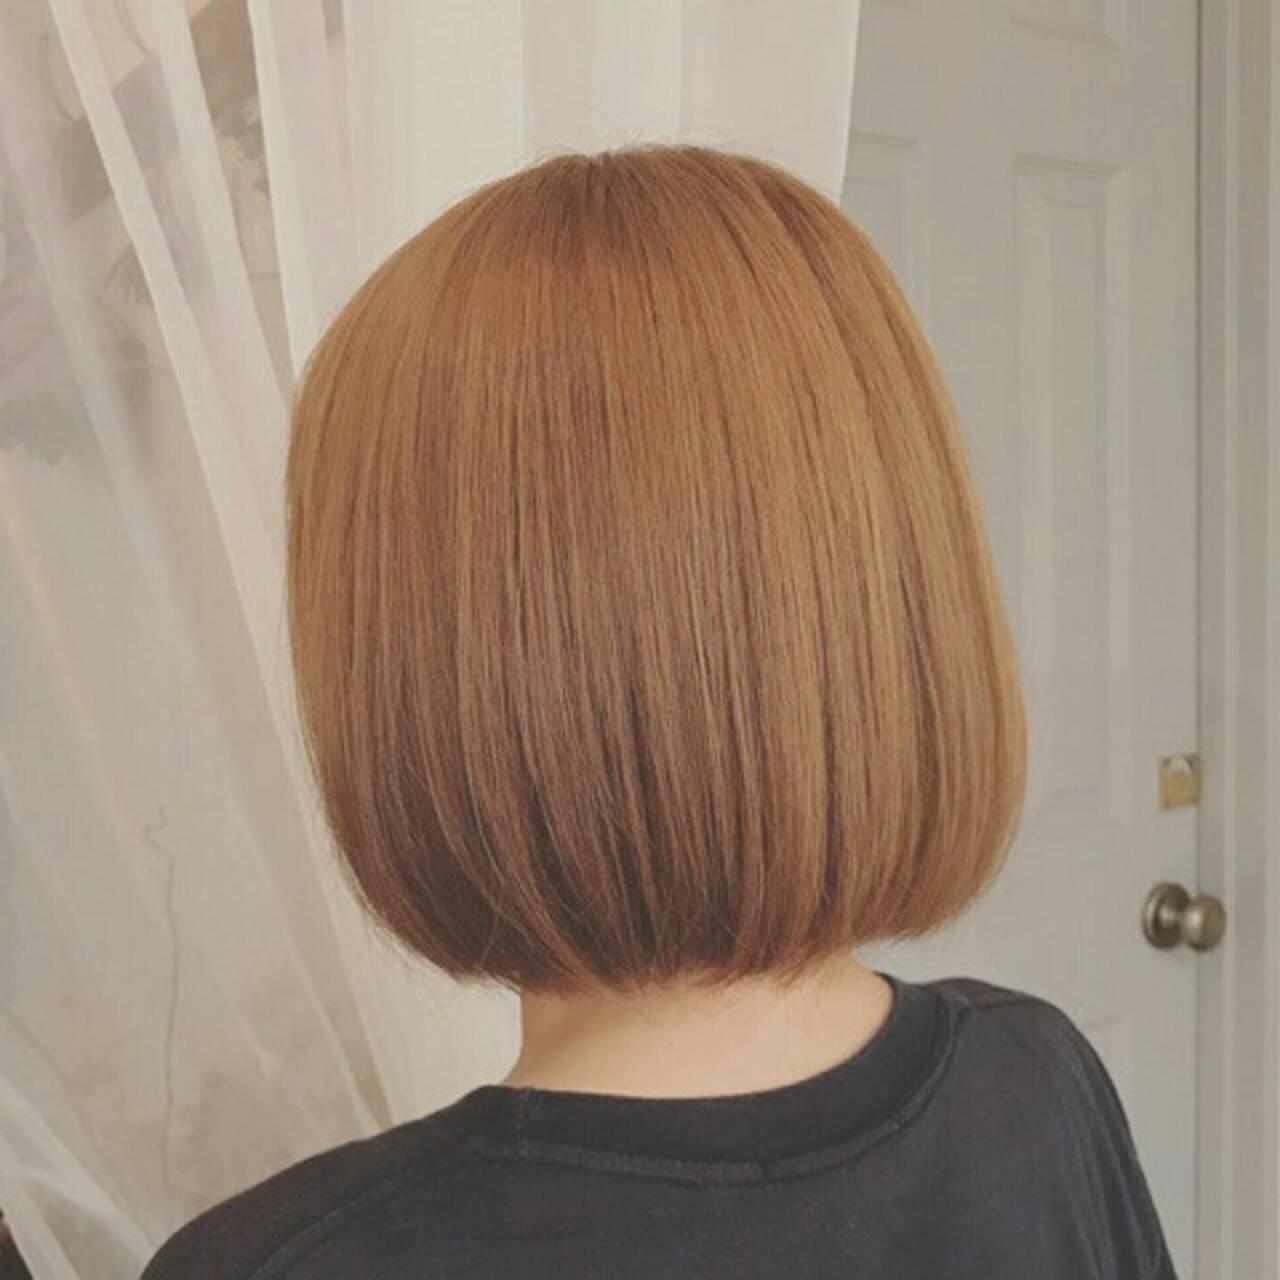 ボブ 秋 フェミニン 冬ヘアスタイルや髪型の写真・画像